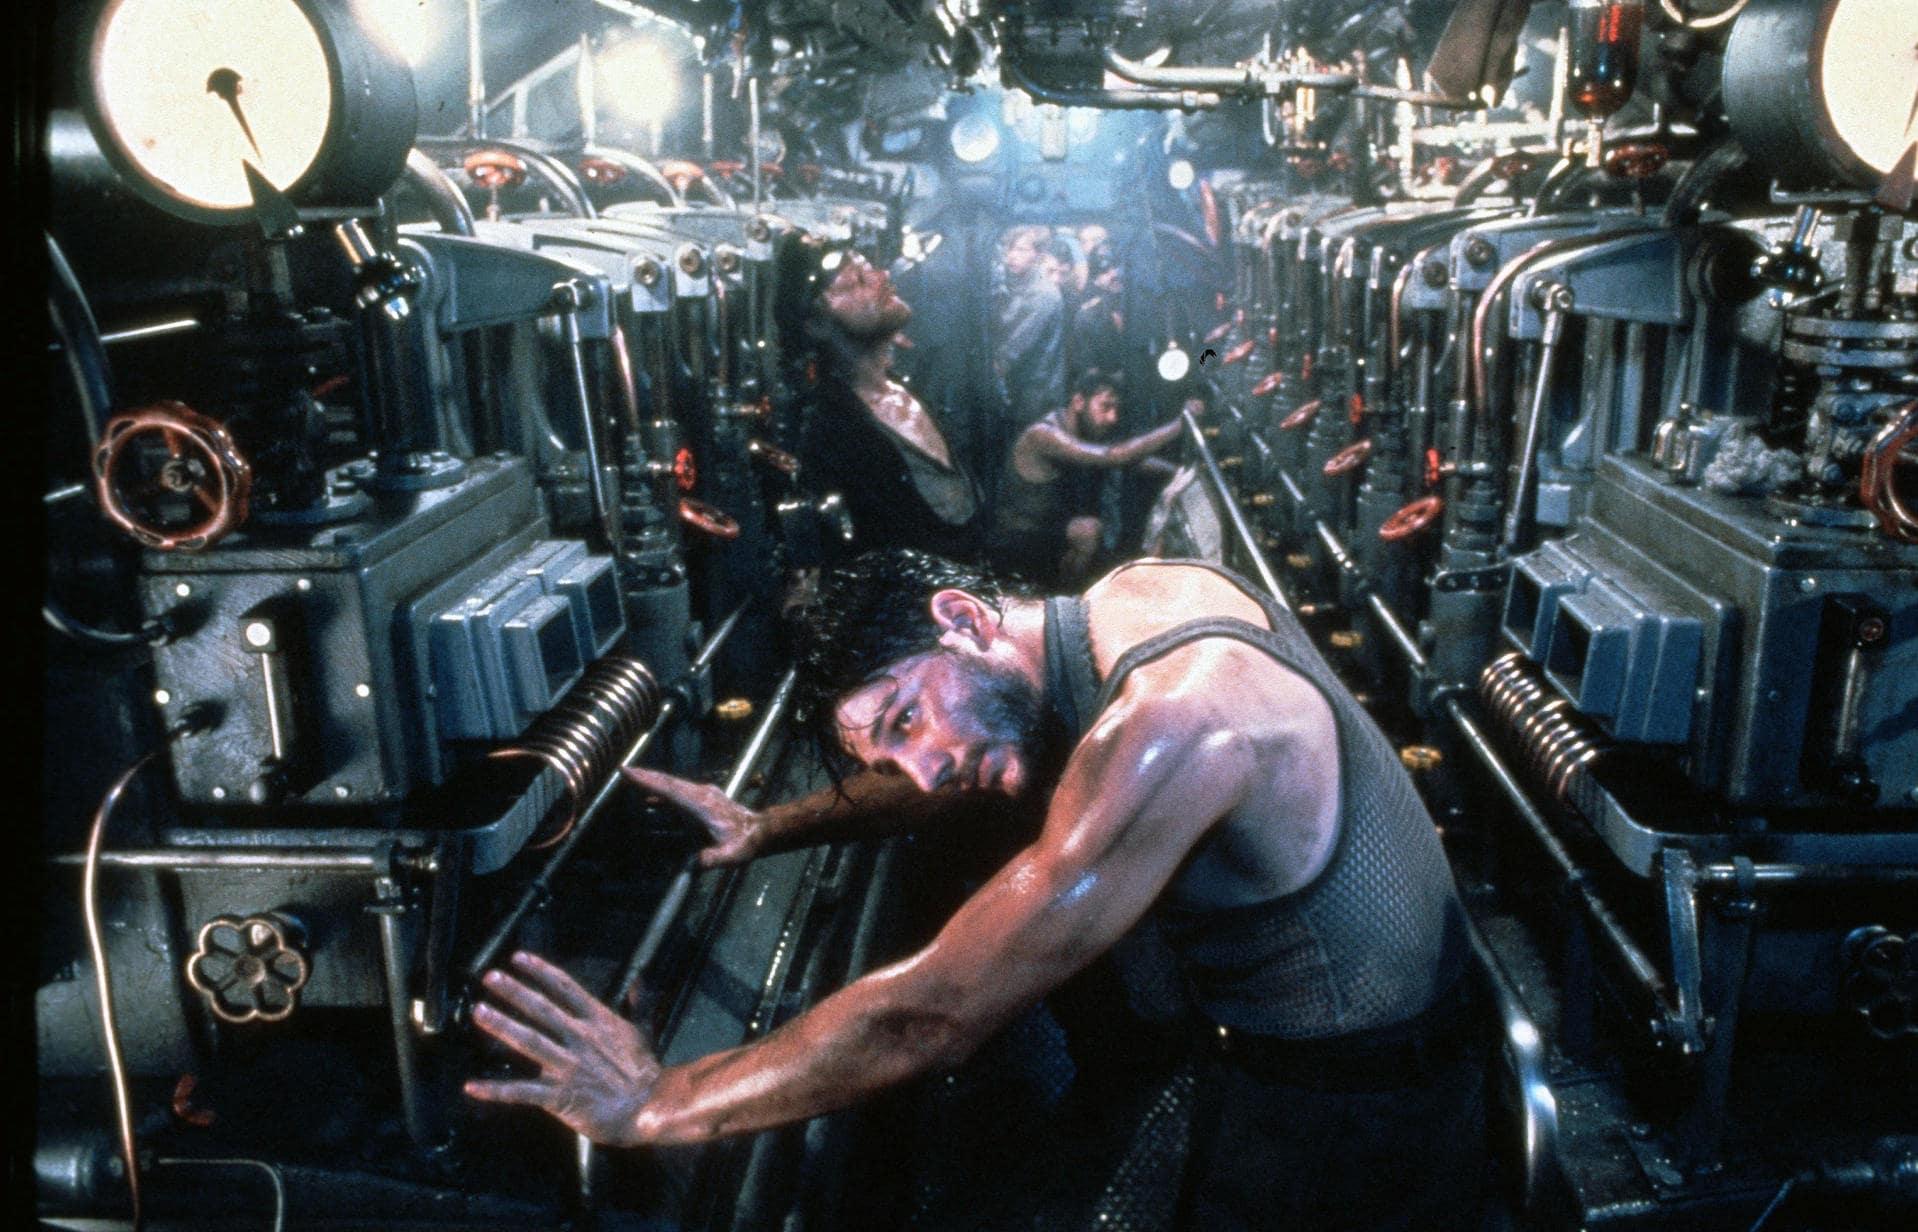 Universum Film Das Boot Directors Cut Von Expert Technomarkt